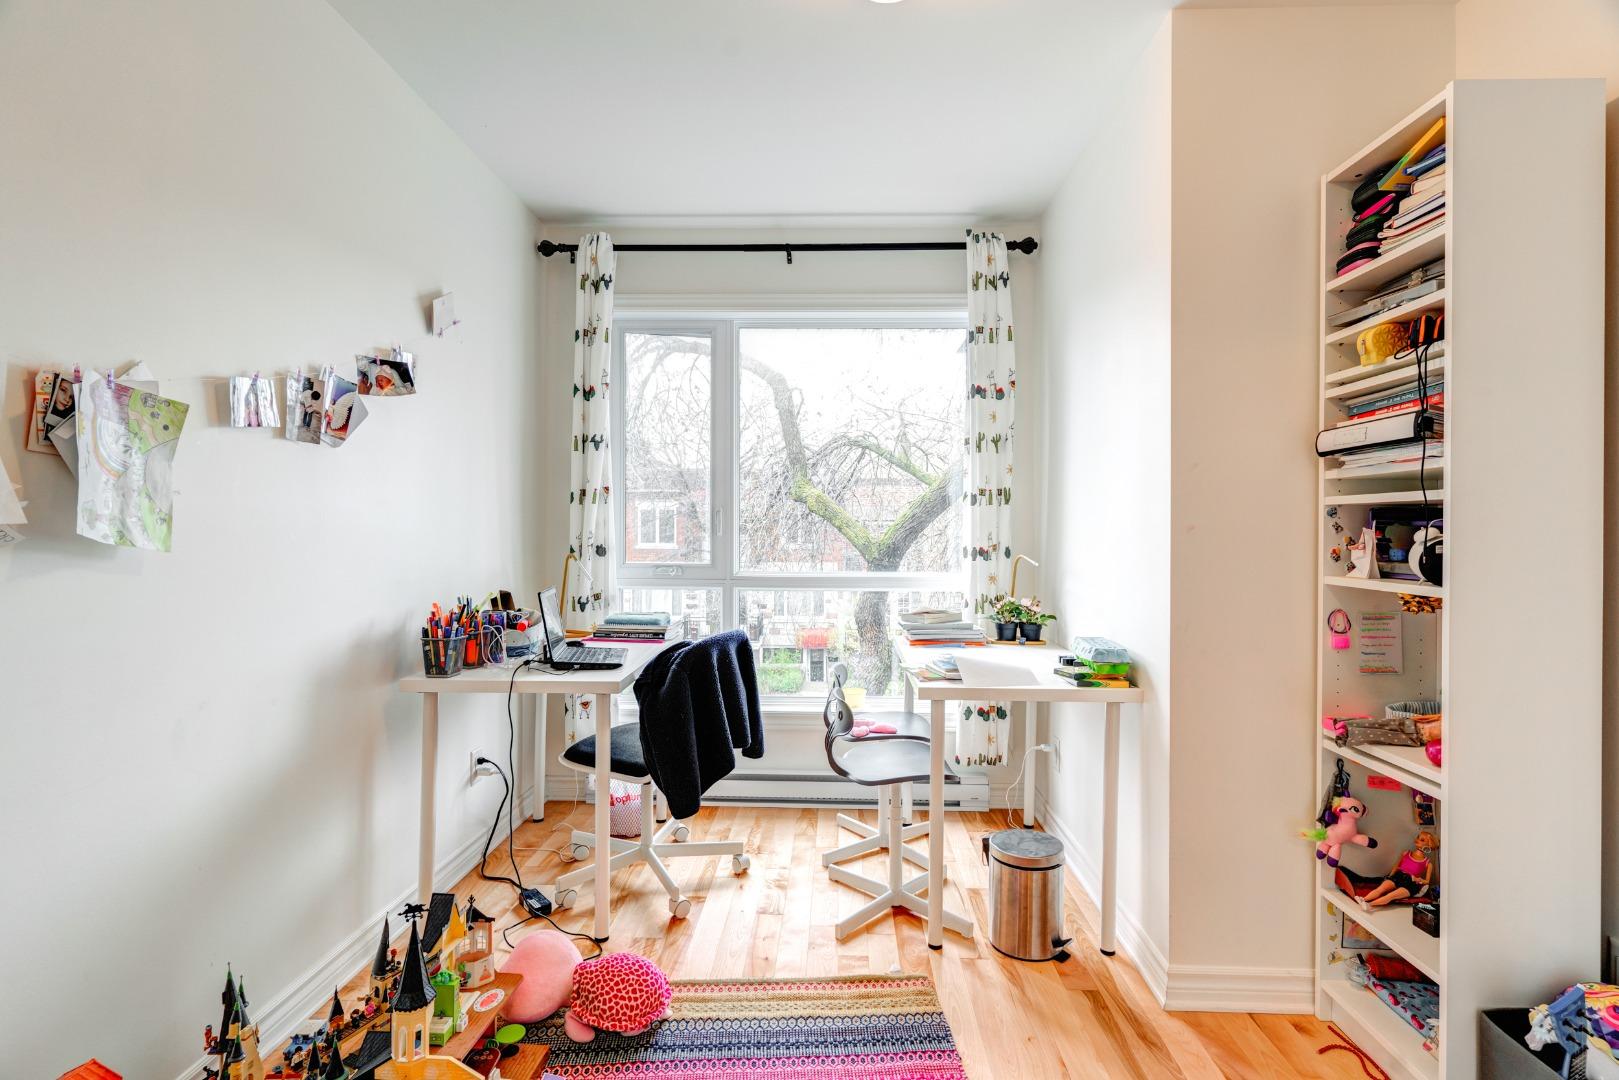 immophoto_-_Appartement_-_7074_de_Lorimier_-_es-9.jpg